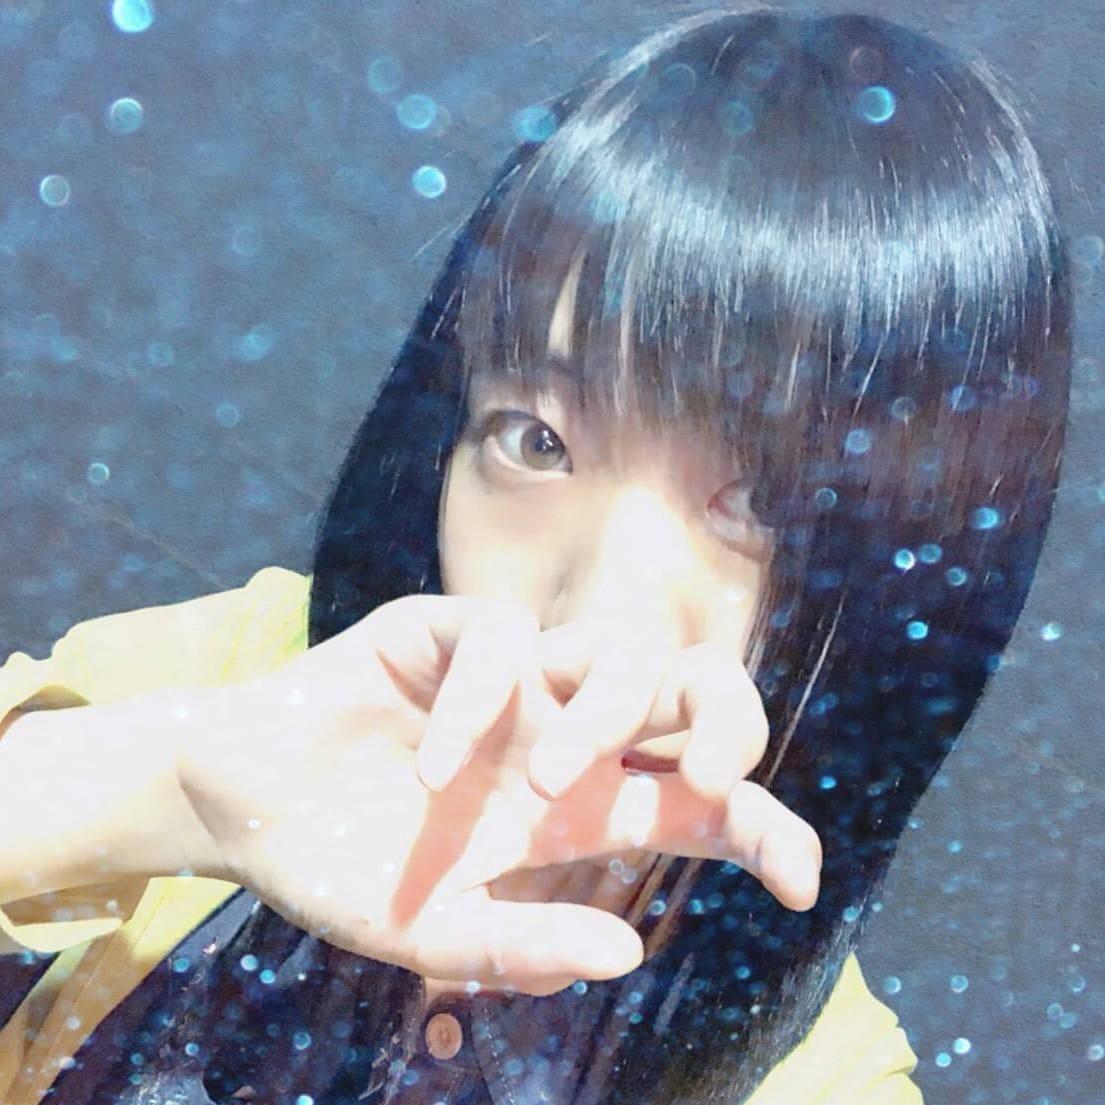 「出勤1番手限定割引!」06/24(日) 21:38 | ぴーちえんじぇるのお得なニュース